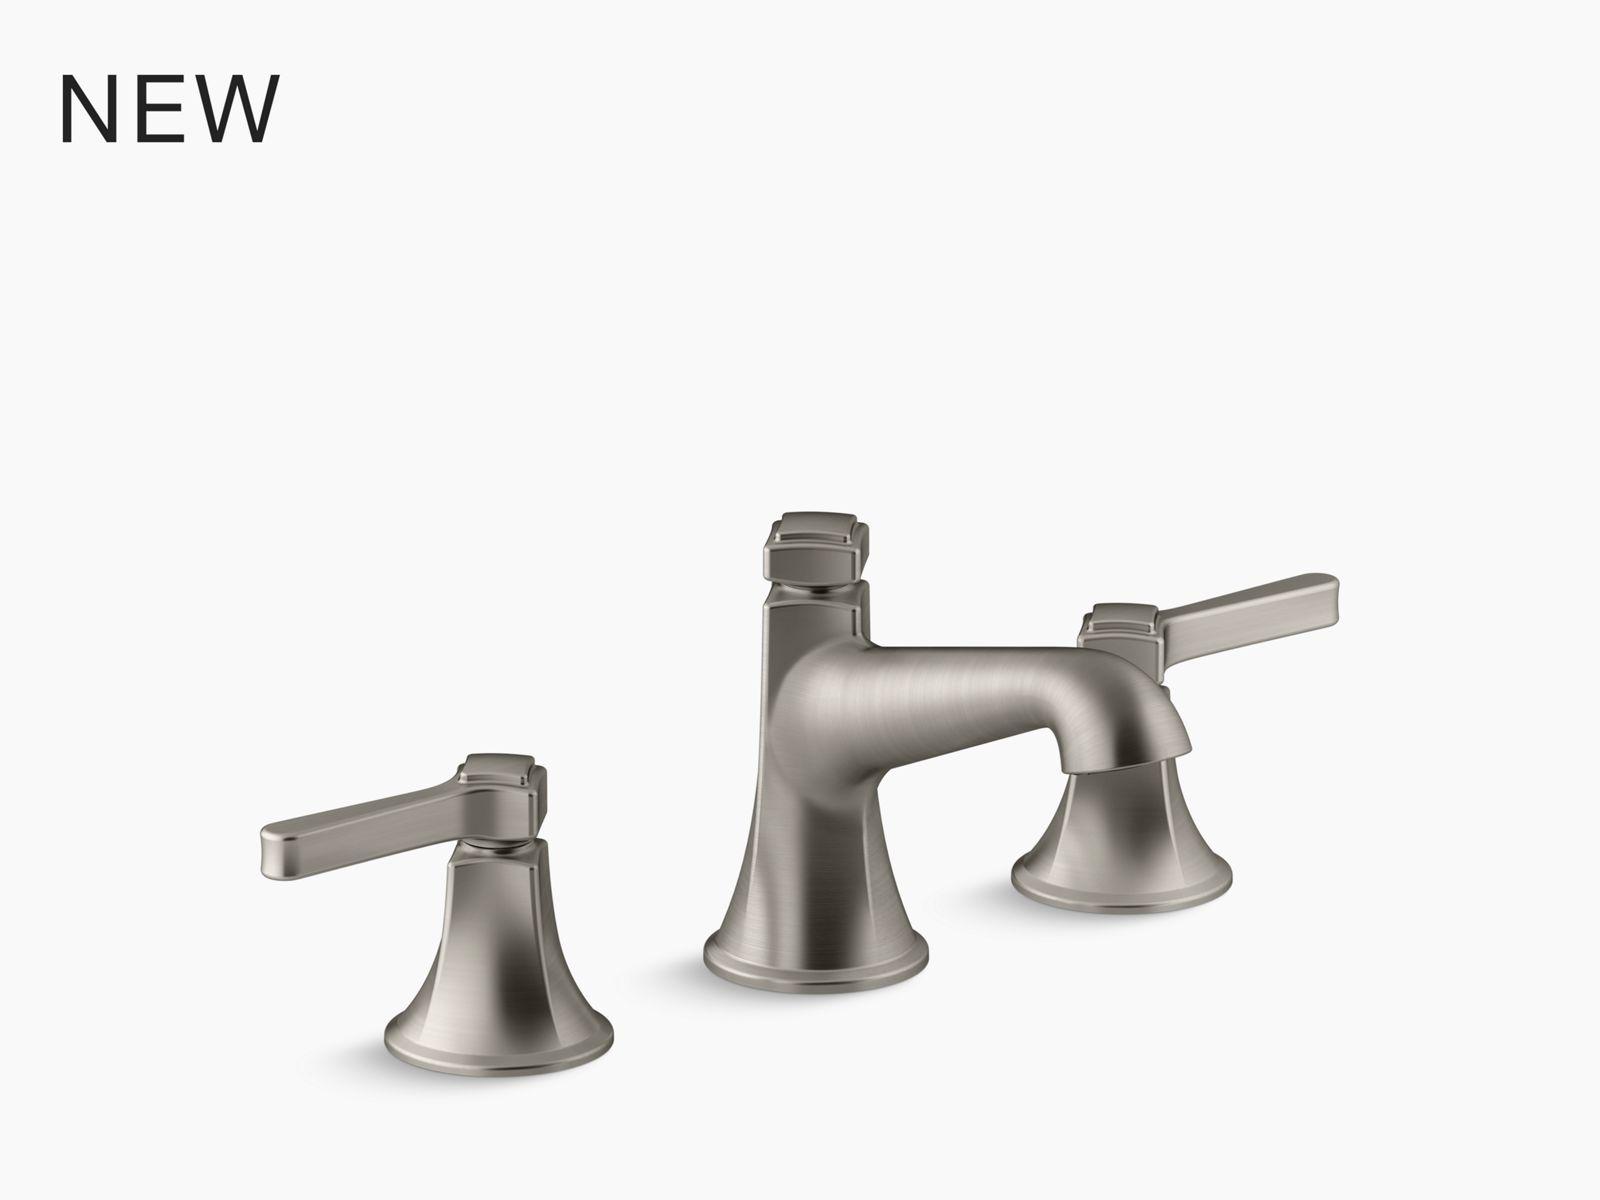 iron tones 17 x 18 3 4 x 8 1 4 top mount undermount single bowl kitchen sink